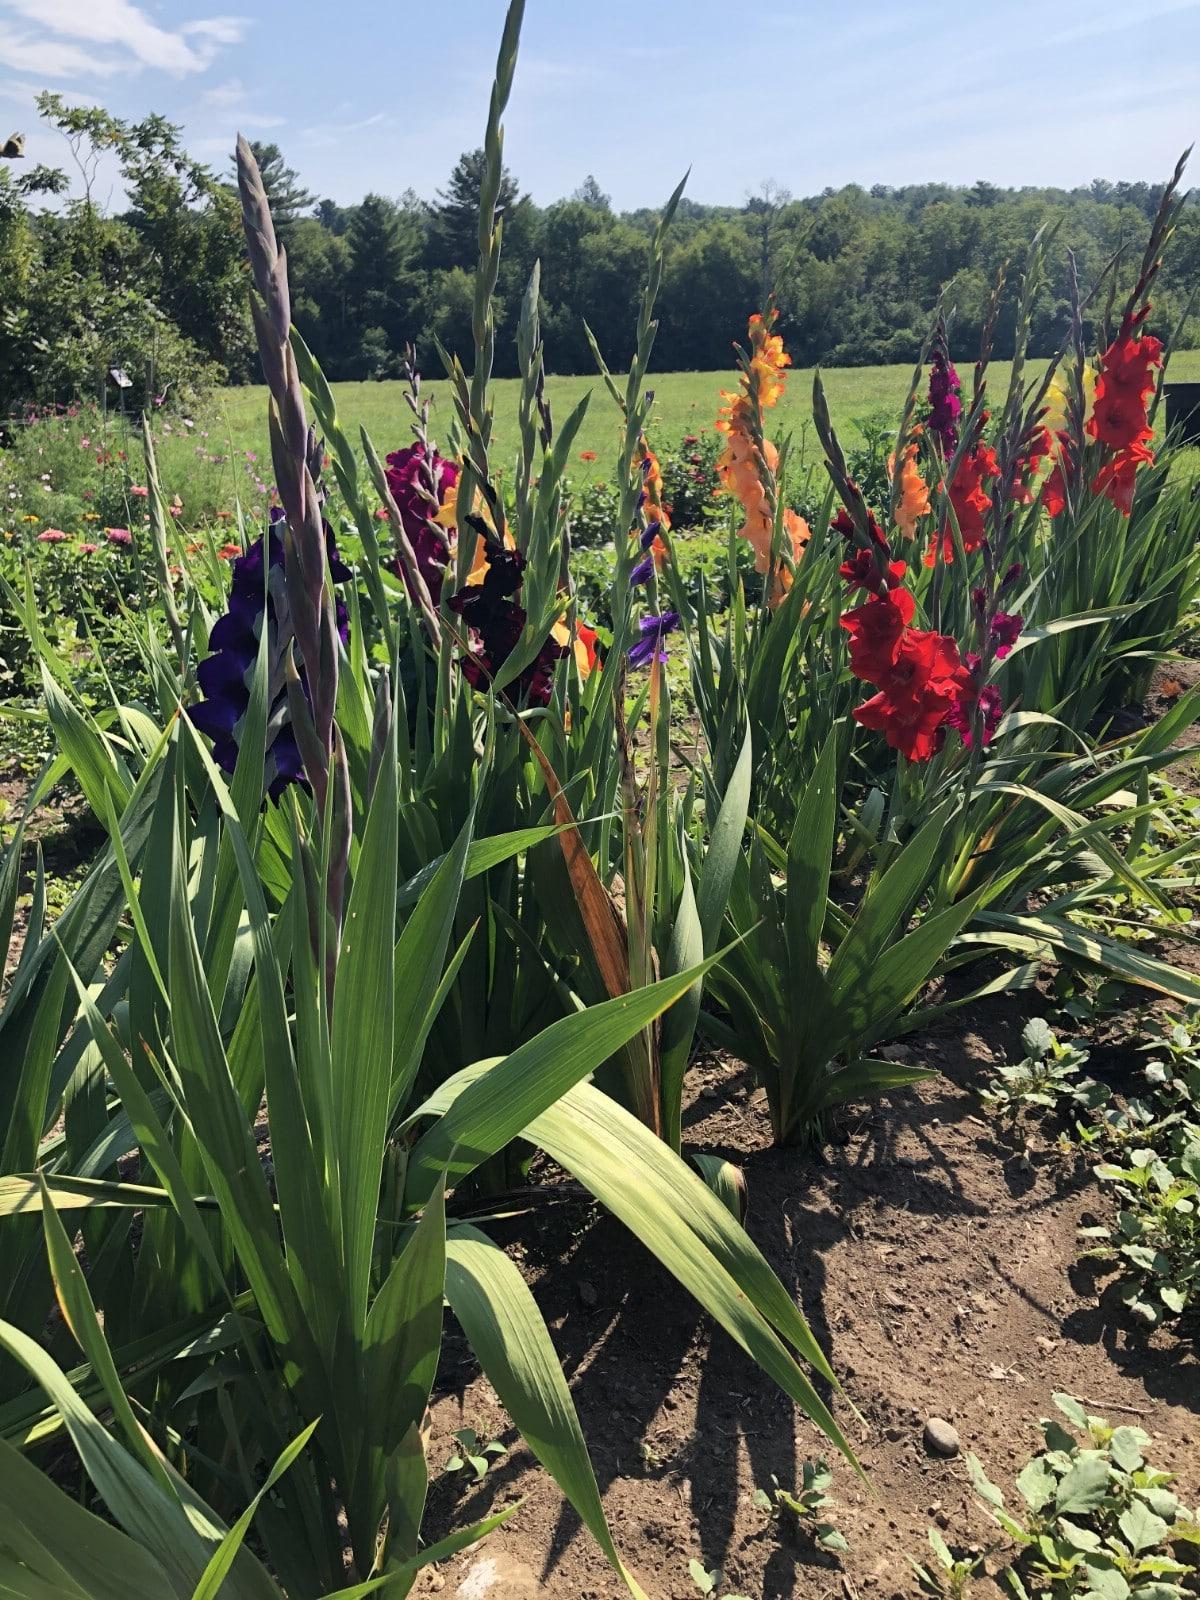 row of gladiolas in vegetable garden